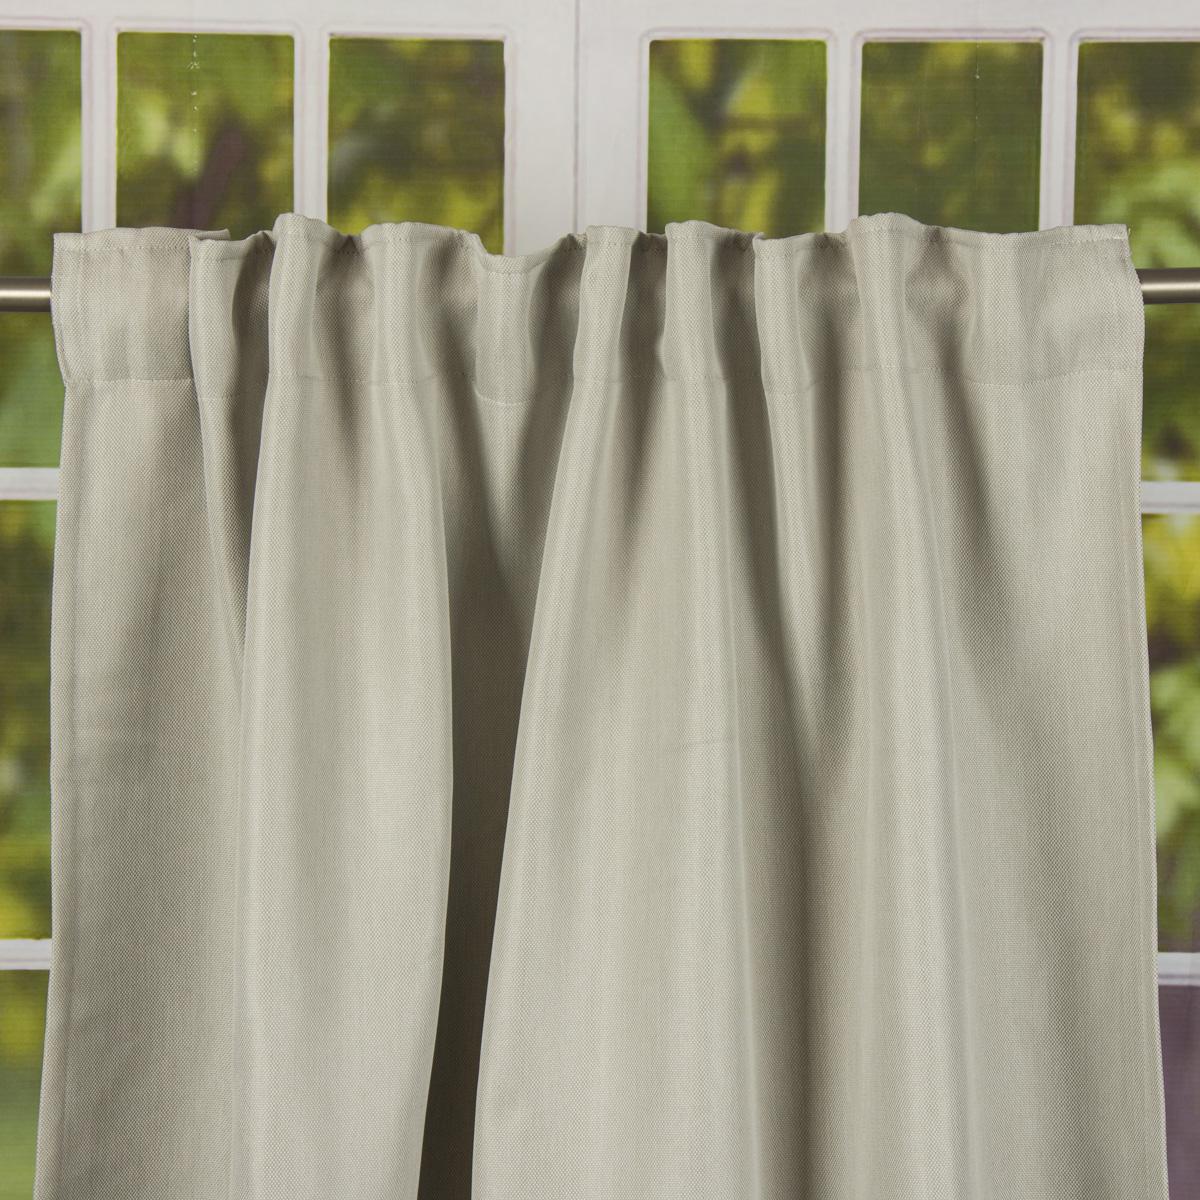 fertiggardine verdunklungsvorhang galdin mit verdeckten schlaufen beige uni 140x245cm gardinen. Black Bedroom Furniture Sets. Home Design Ideas